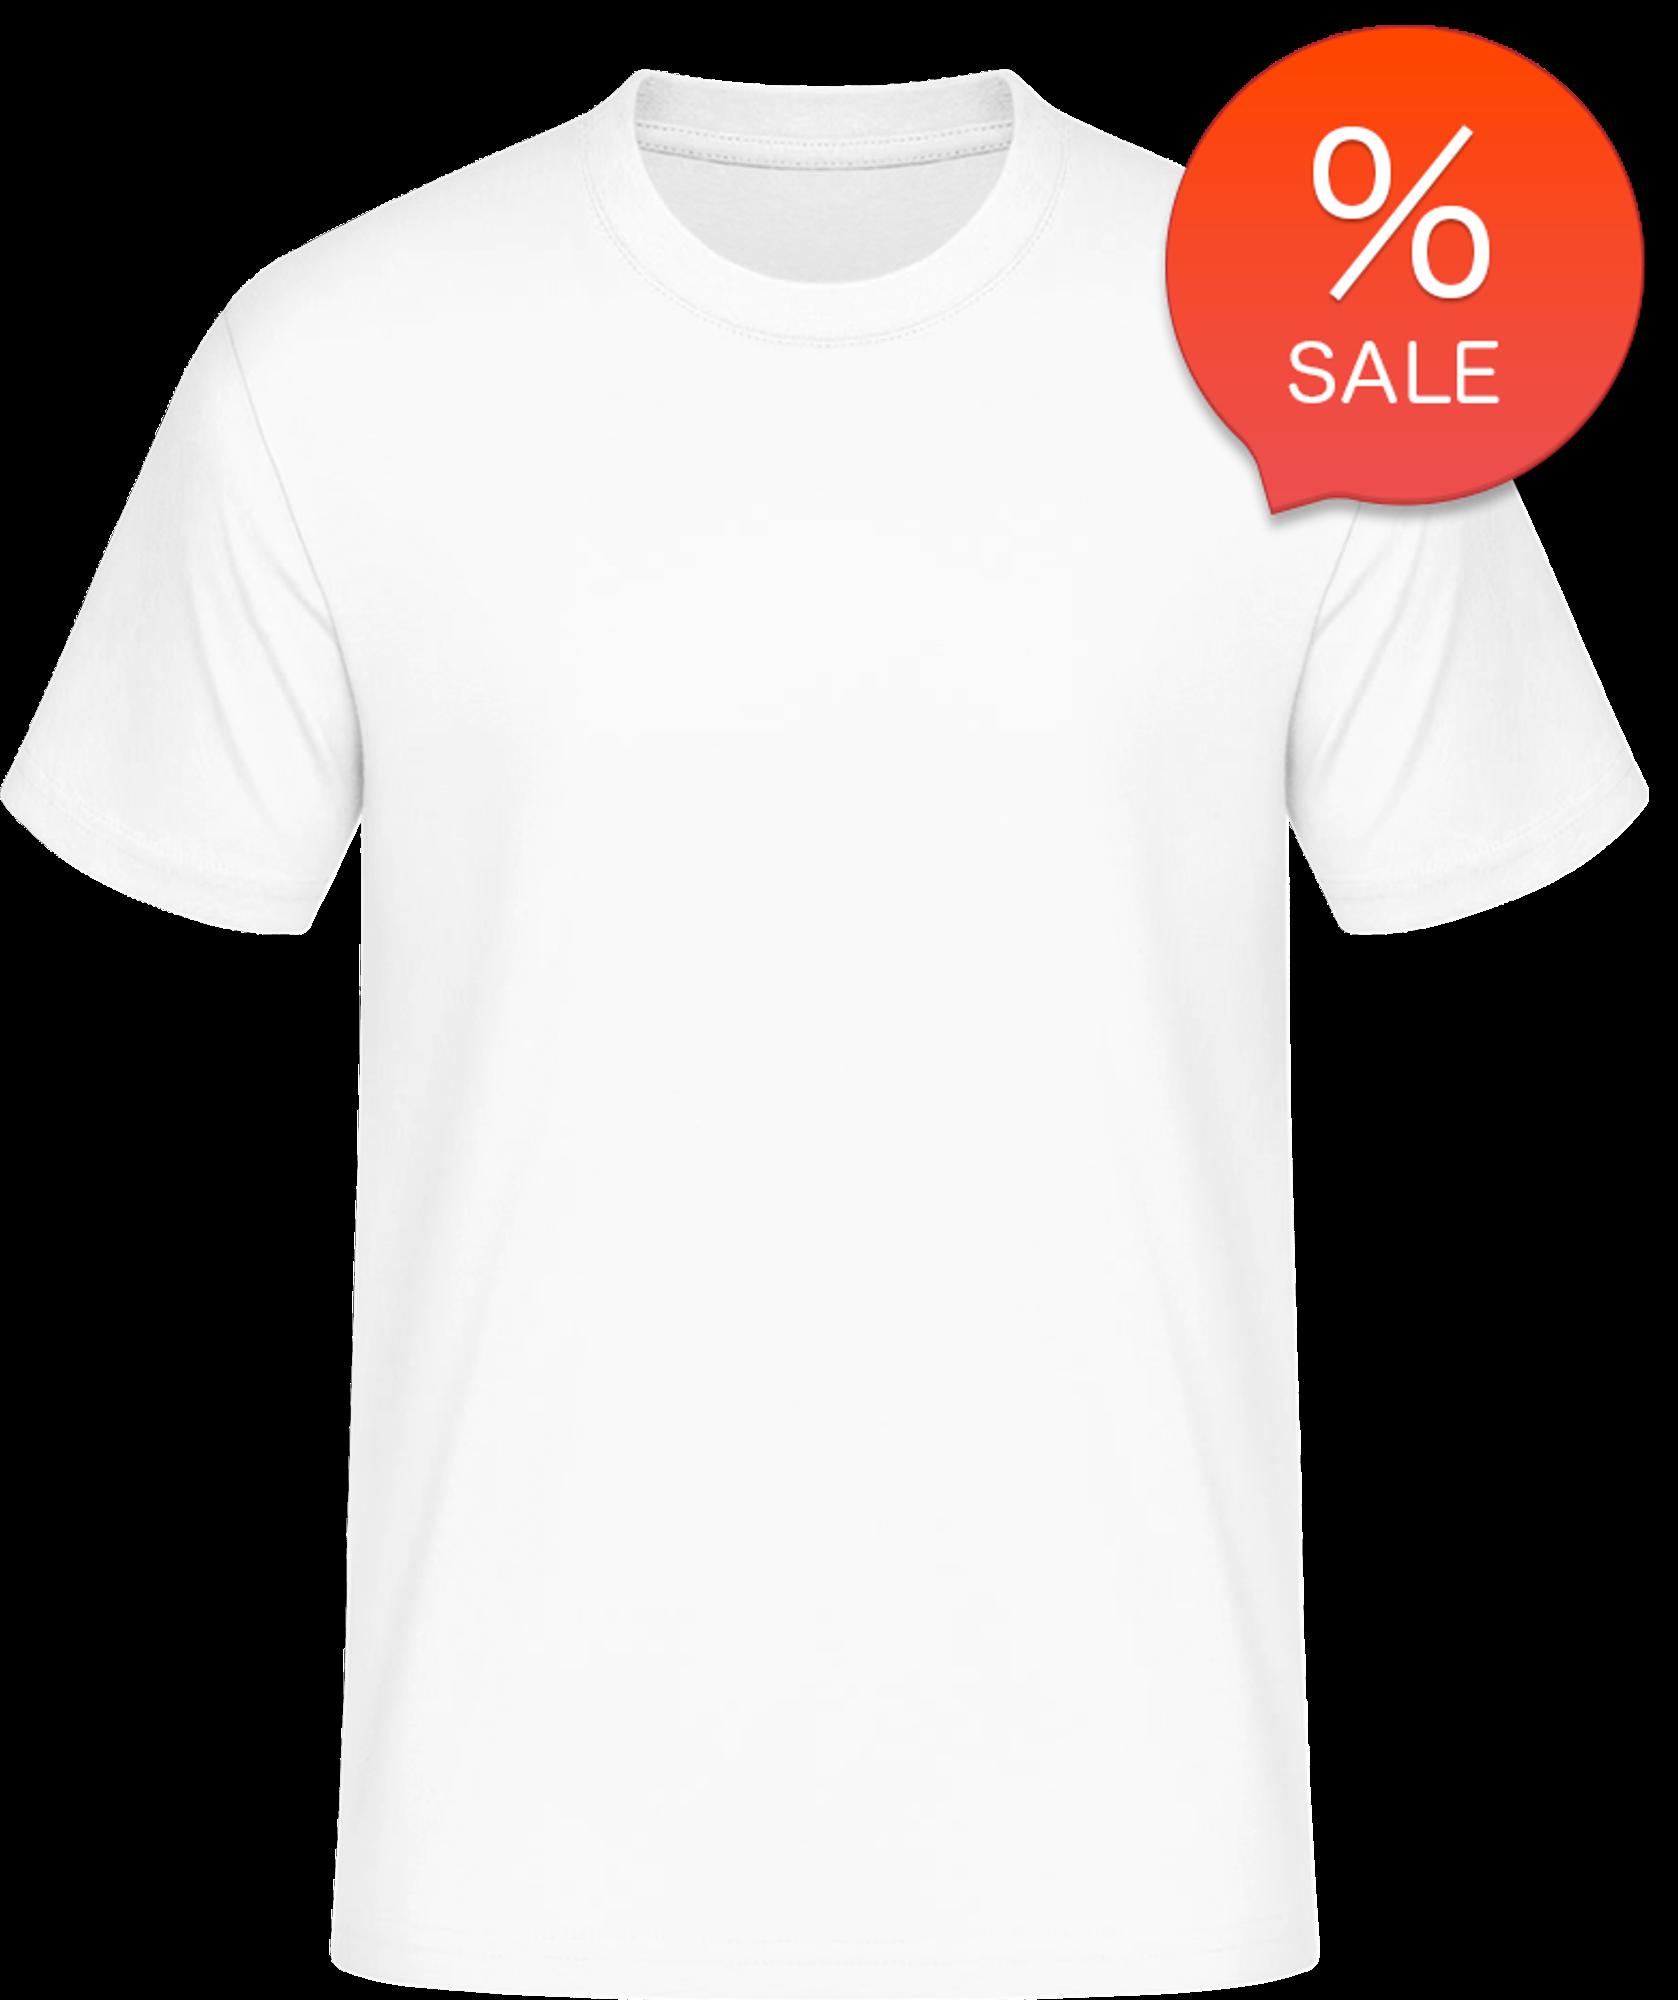 Keya Aktions T-shirt